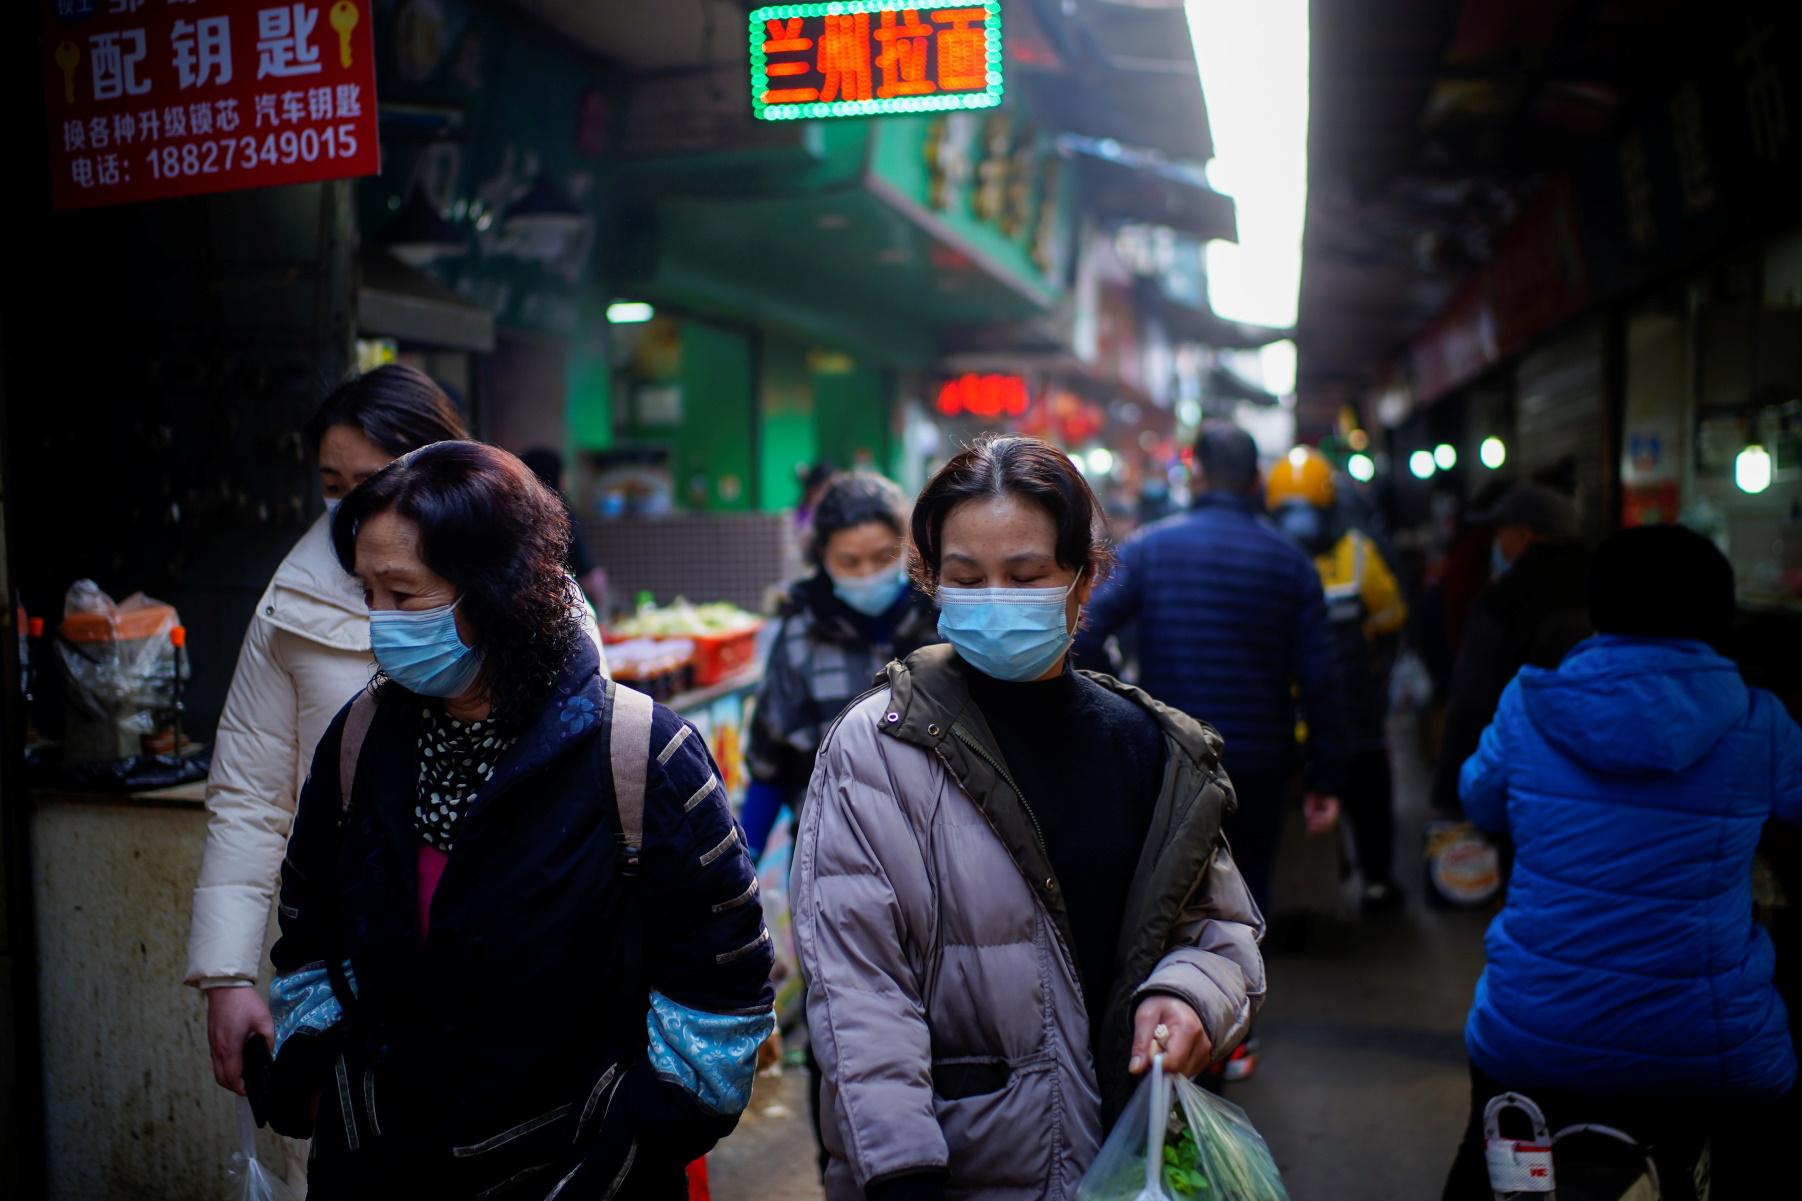 Κίνα: Δέκα εισαγόμενα κρούσματα το τελευταίο 24ωρο